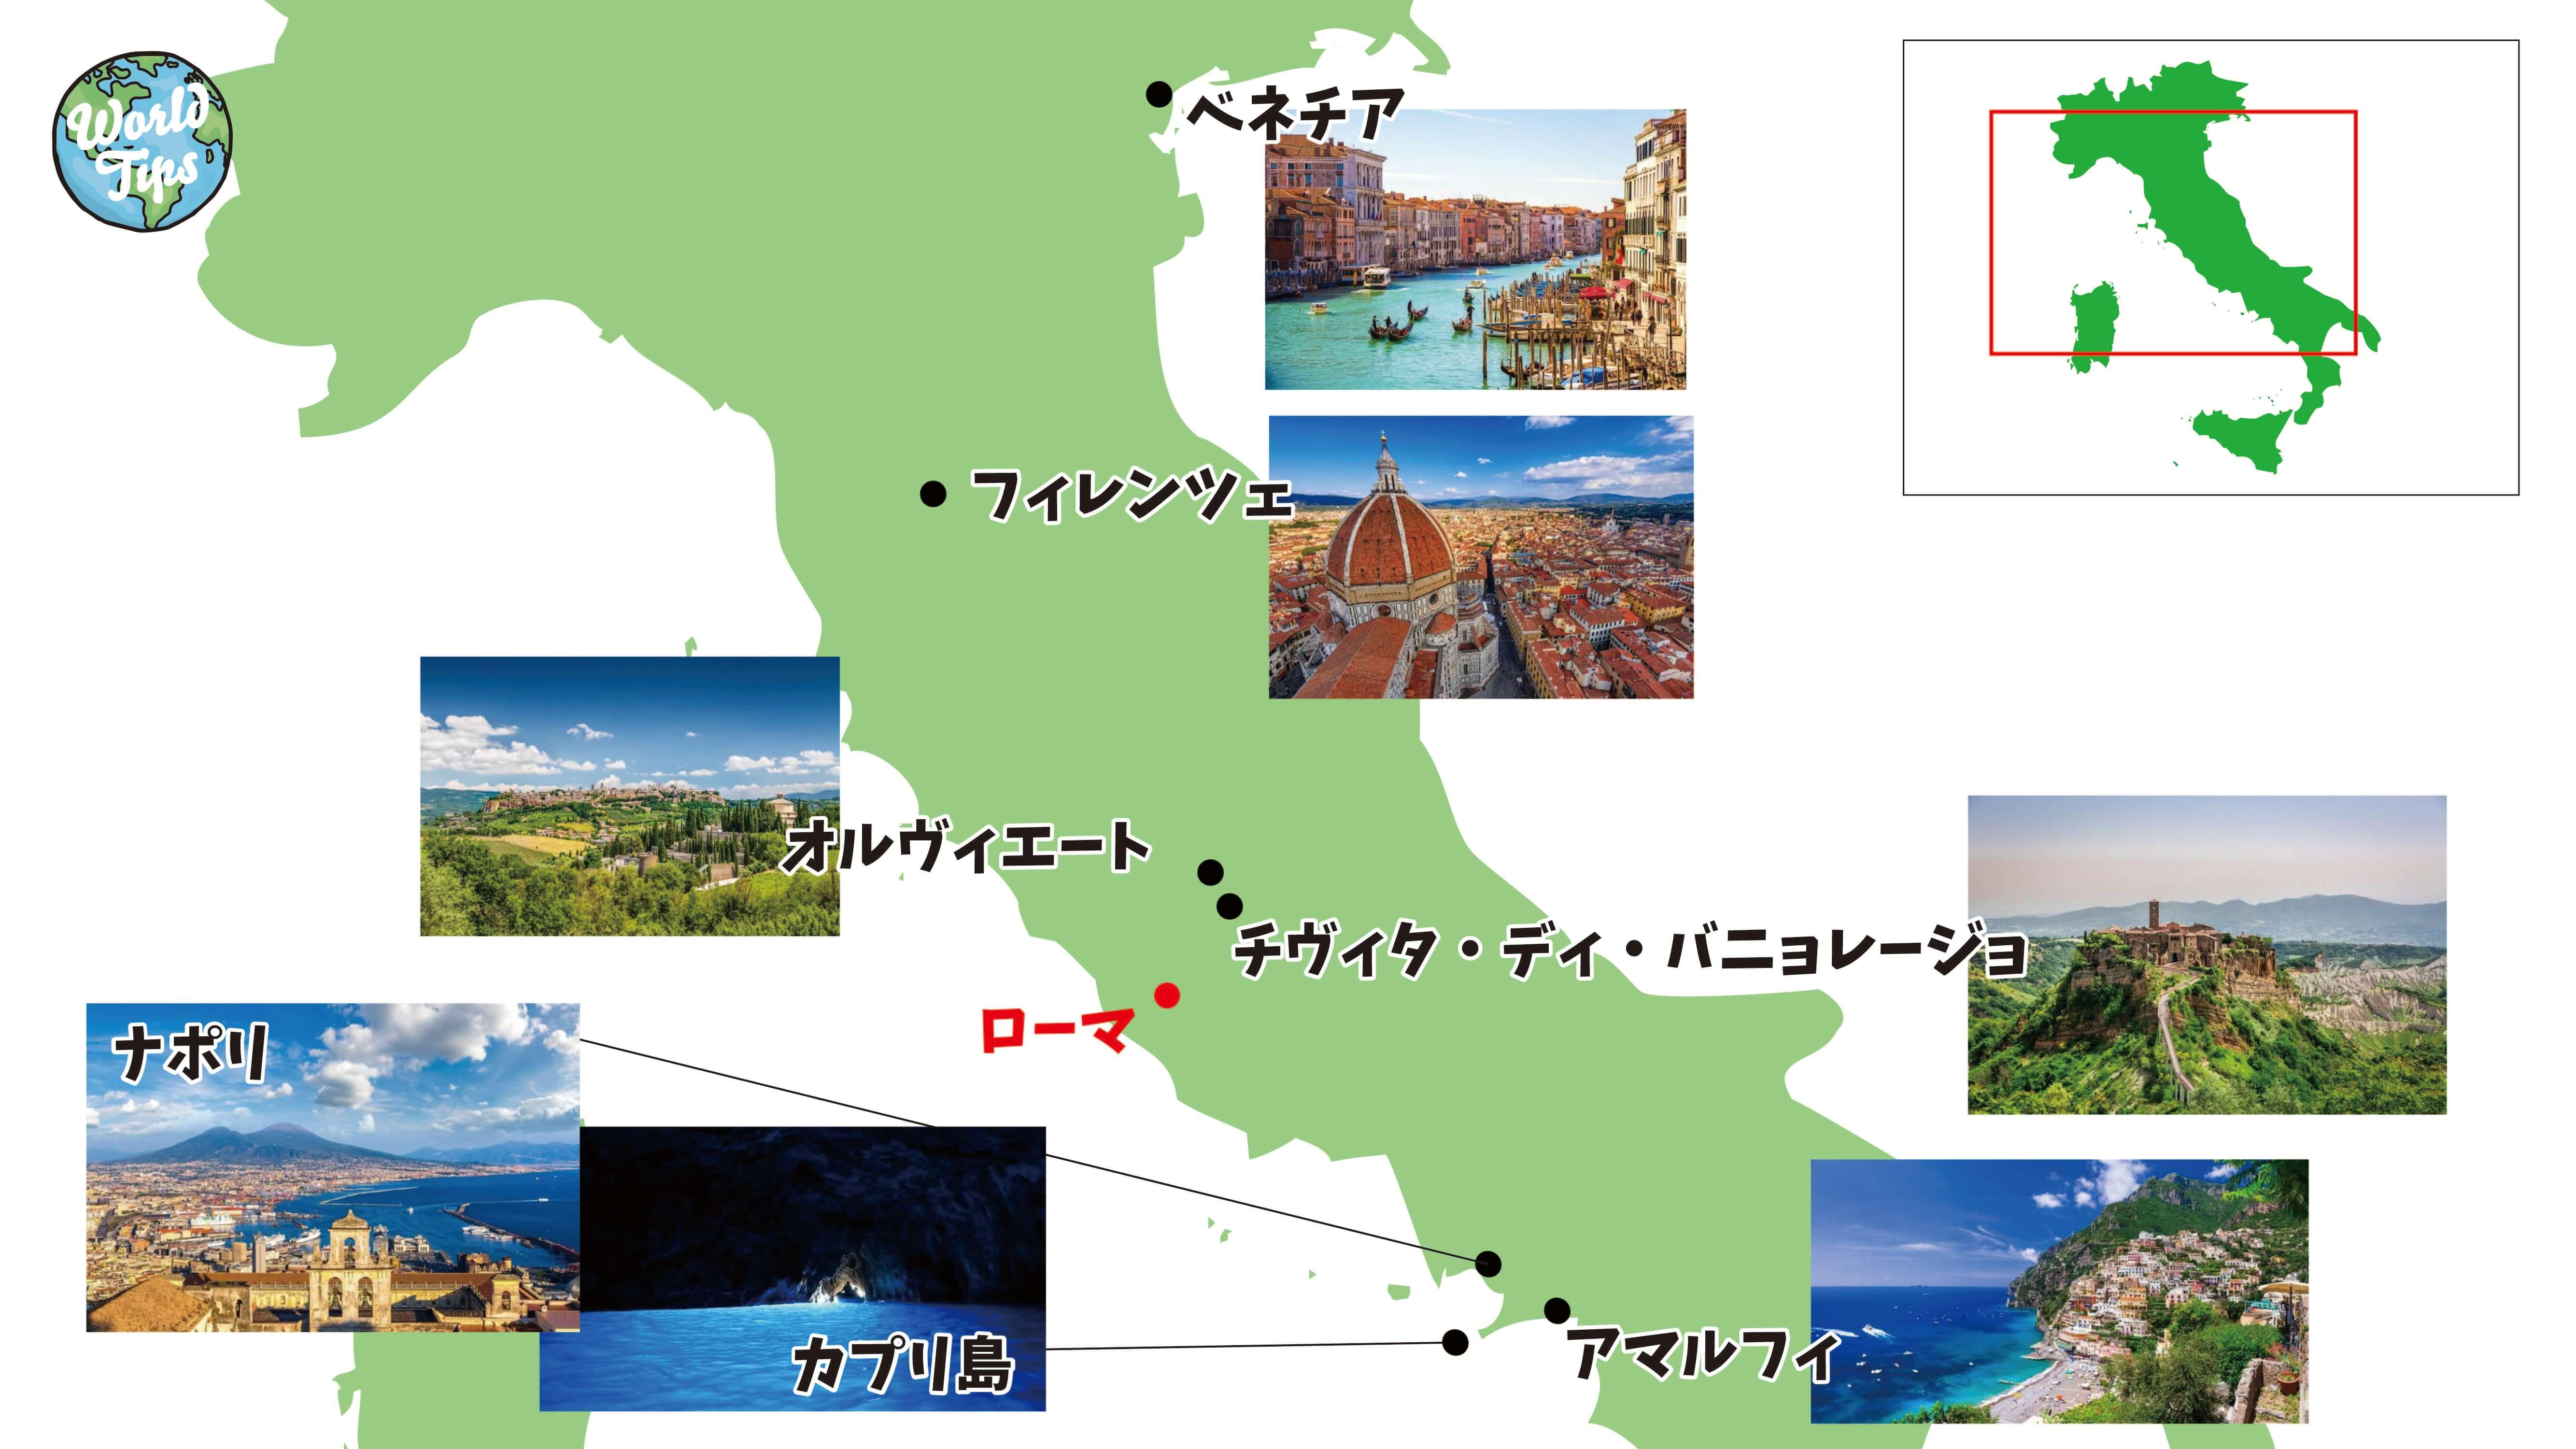 イタリア地図 WORLD TIPS